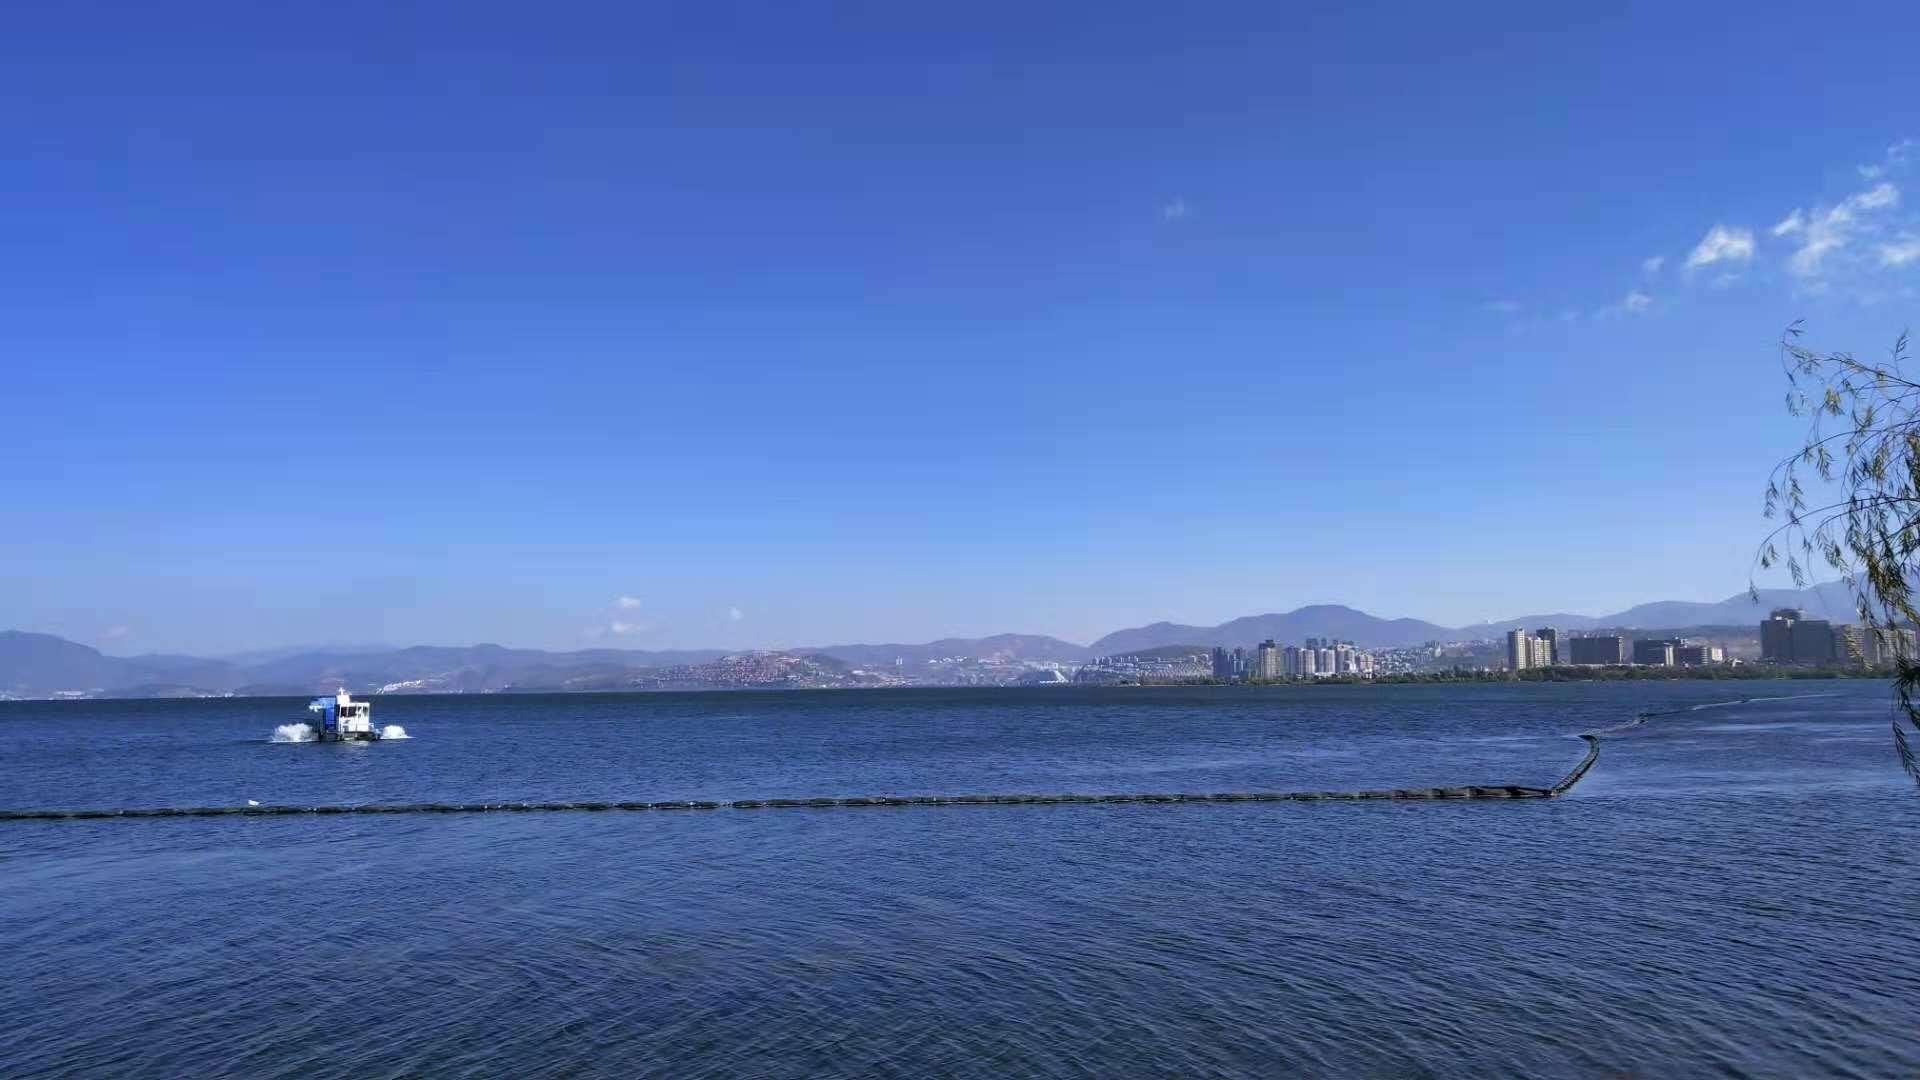 天海�9/g9d�y��ykd9aj:f�_站在这天海一色的美丽之处,不知道该怎么形容此刻的心情